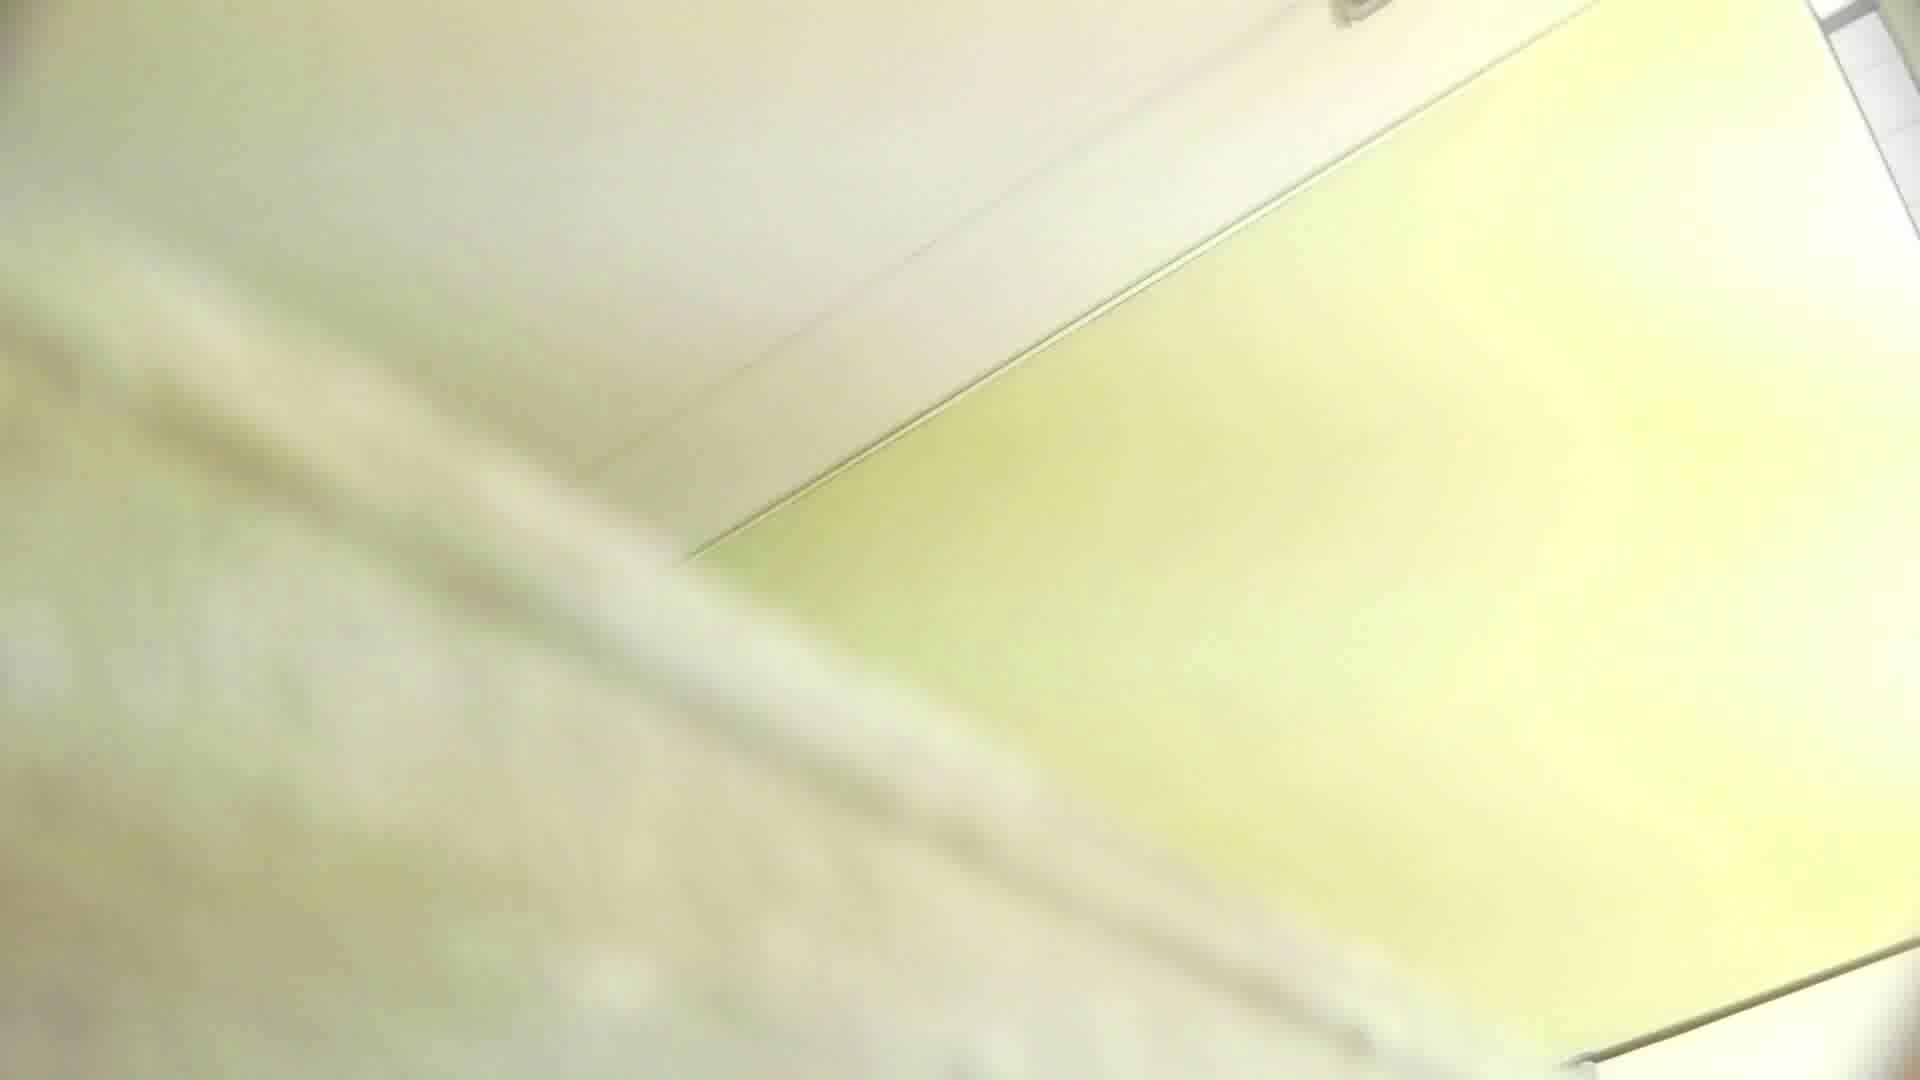 【美しき個室な世界】 vol.025 メガネ属性ヾ(´∀`)ノ 洗面所  84画像 60